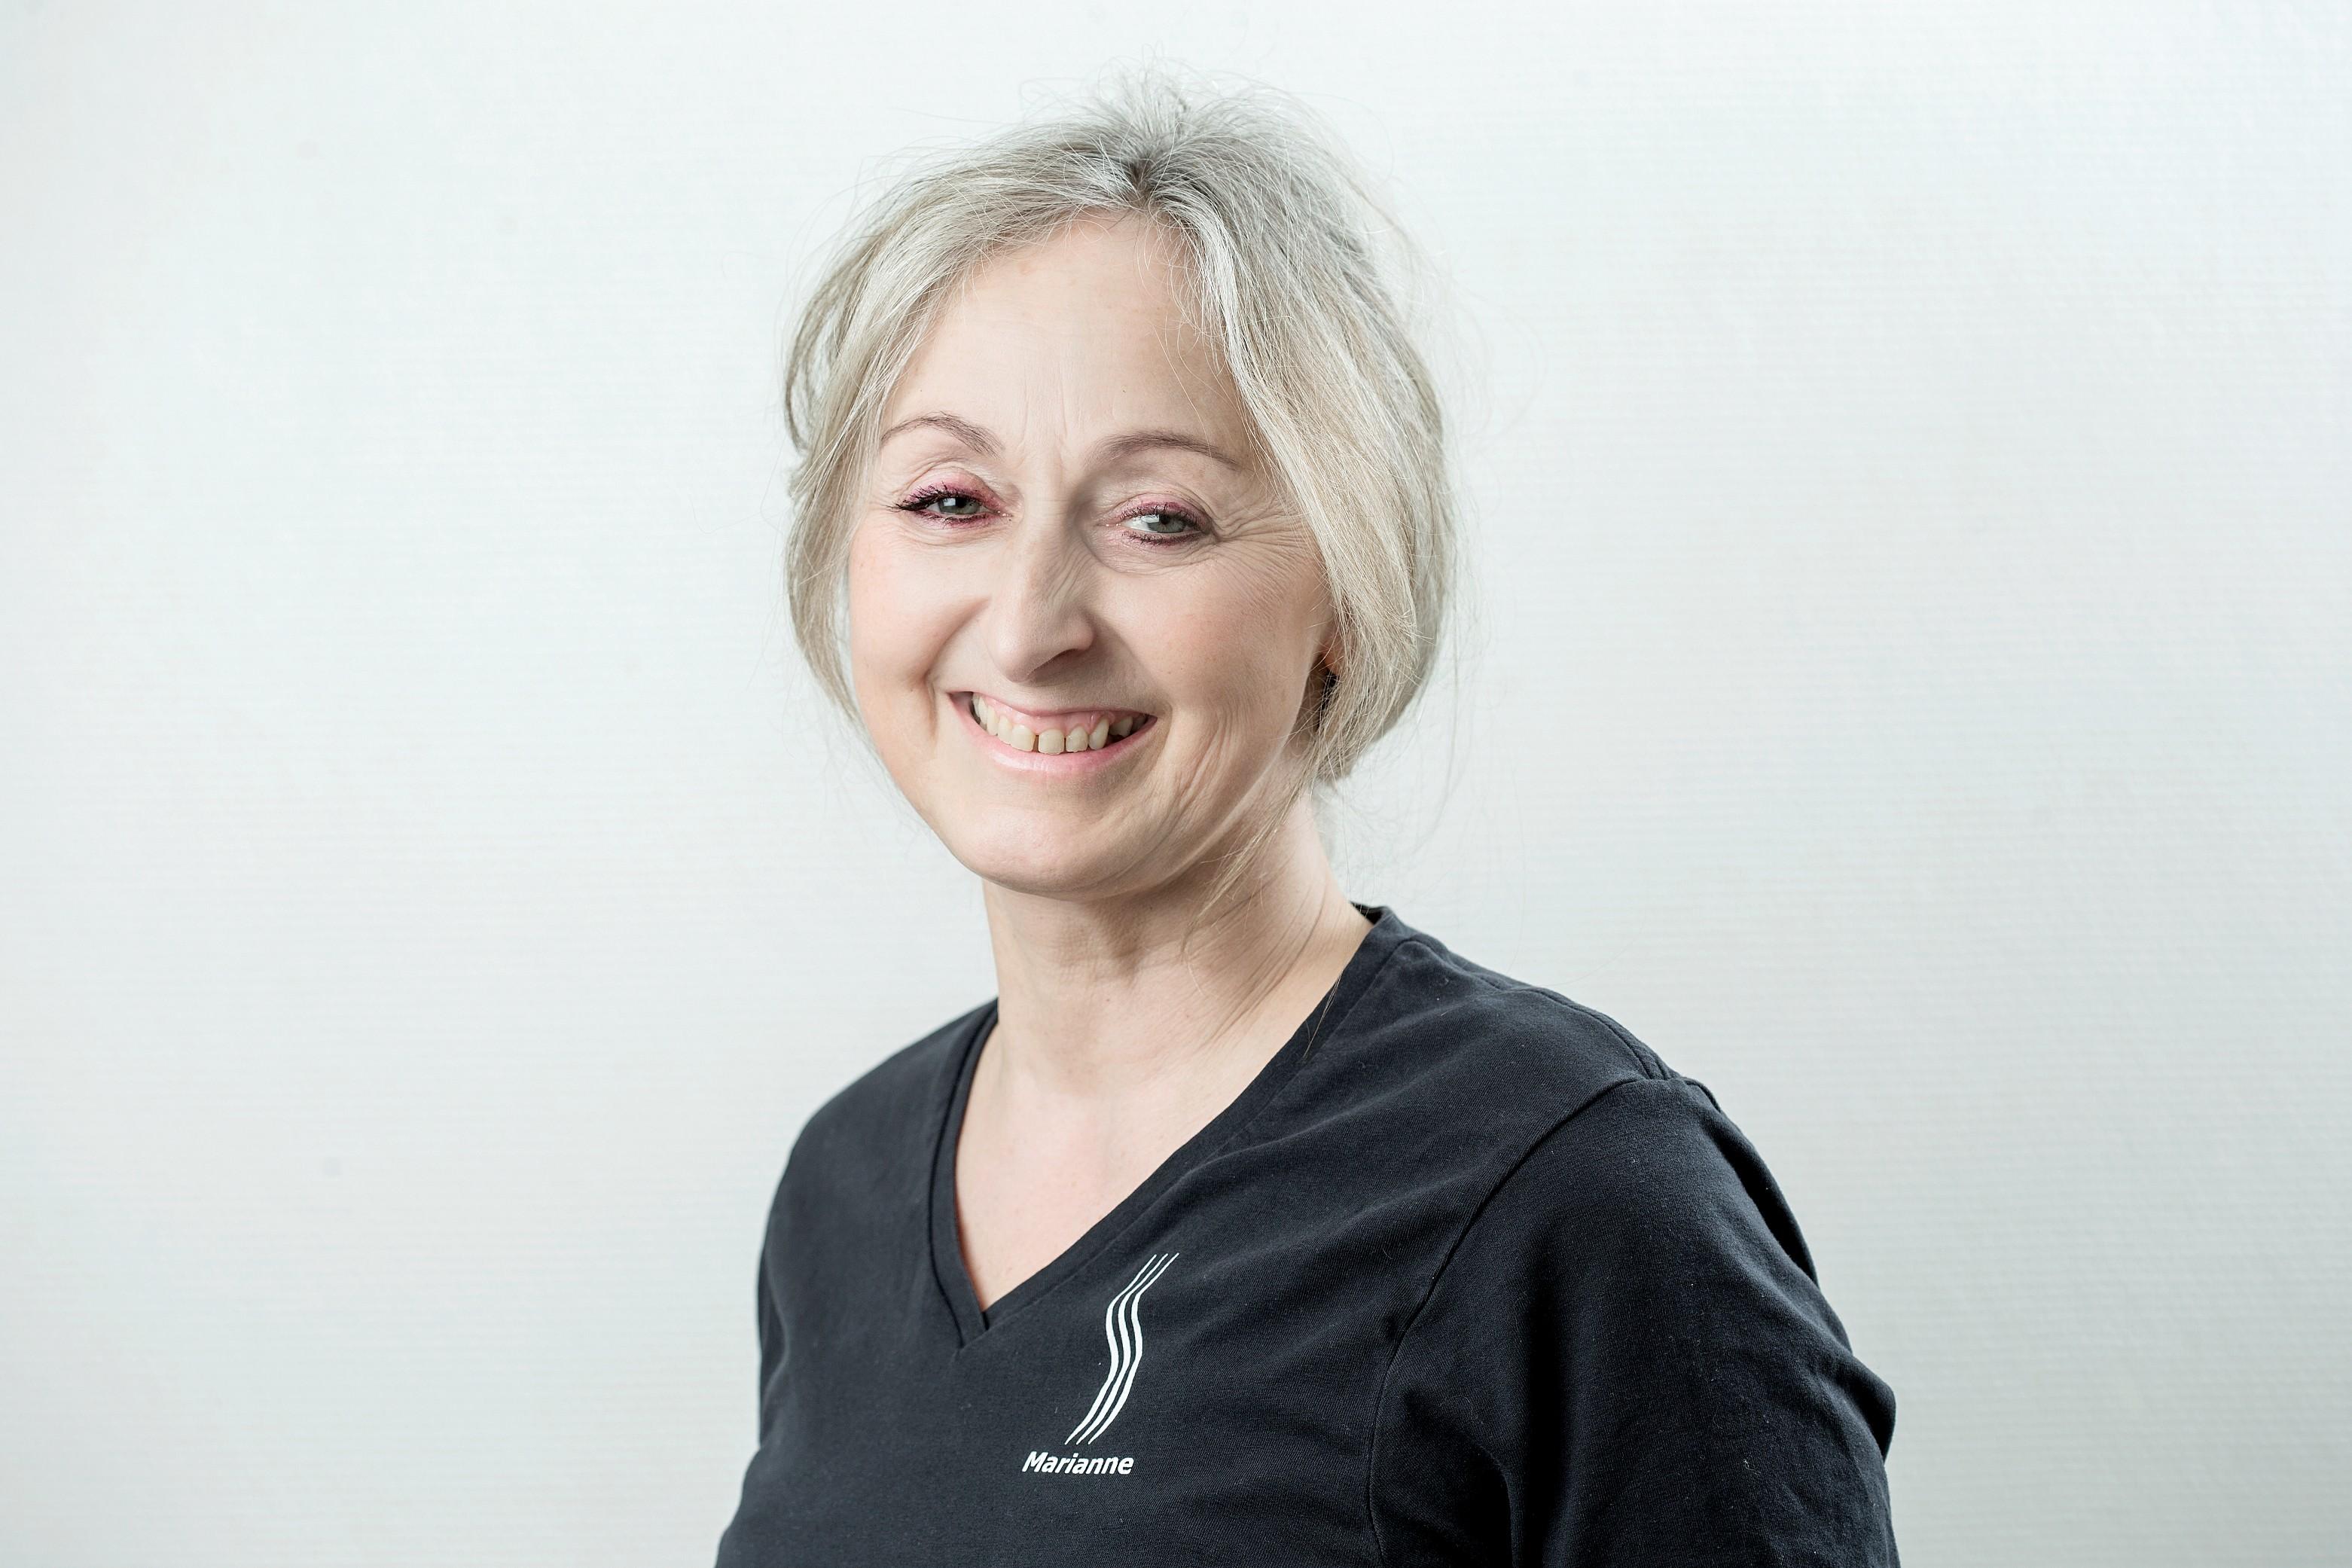 Marianne Fohlmann